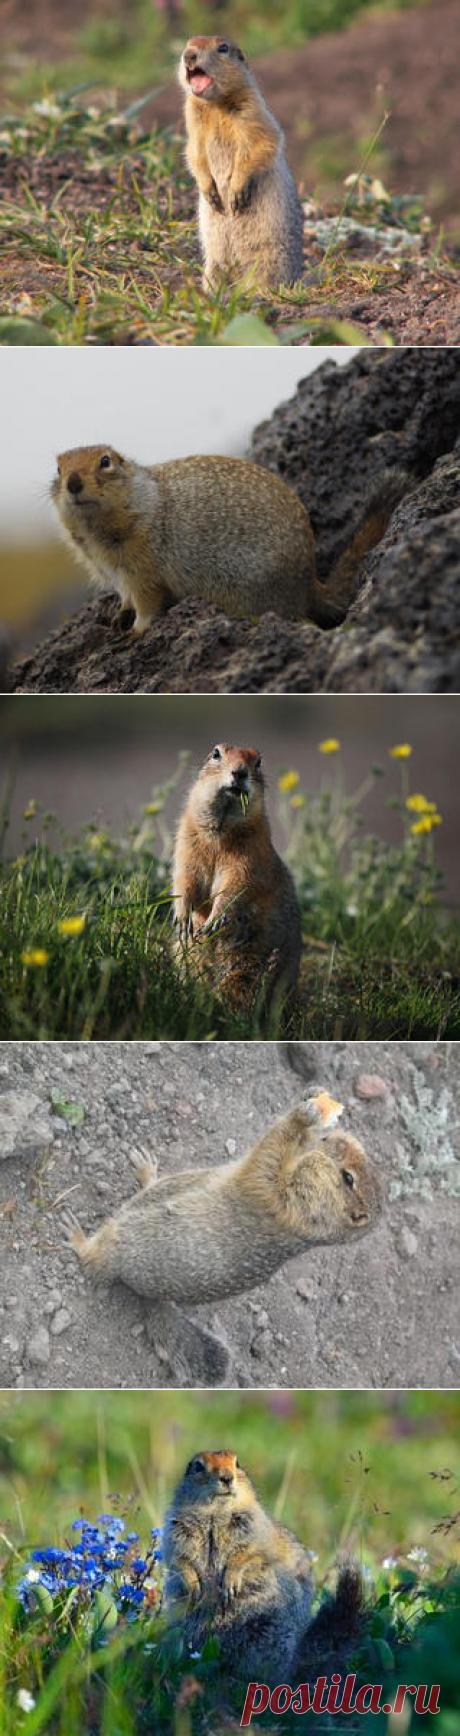 Смотреть изображения евражек | Зооляндия